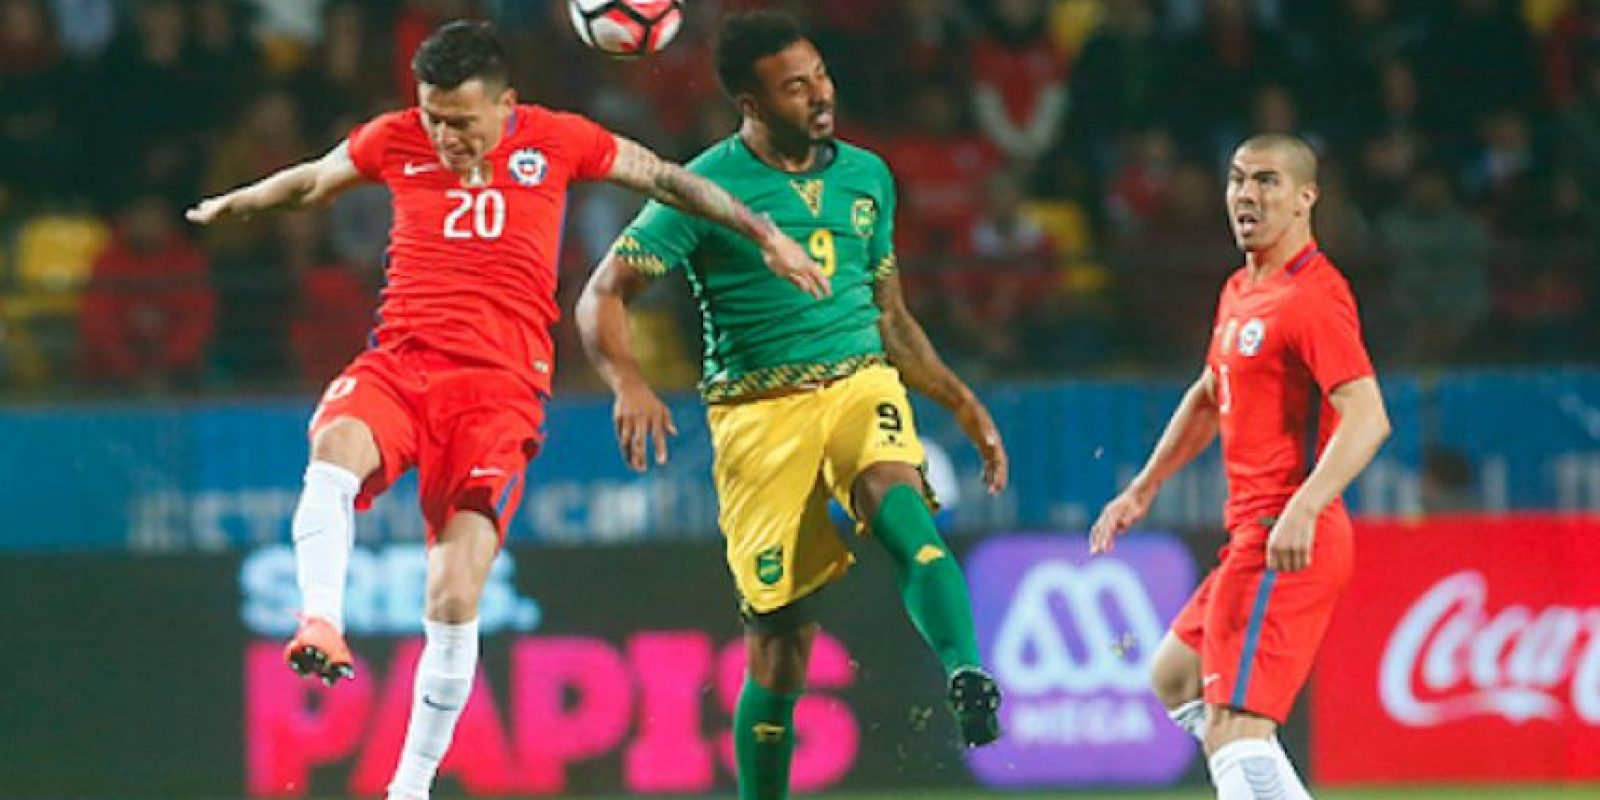 Los actuales campeones del continente no tuvieron contundencia ante los jamaiquinos. Foto:Getty Images